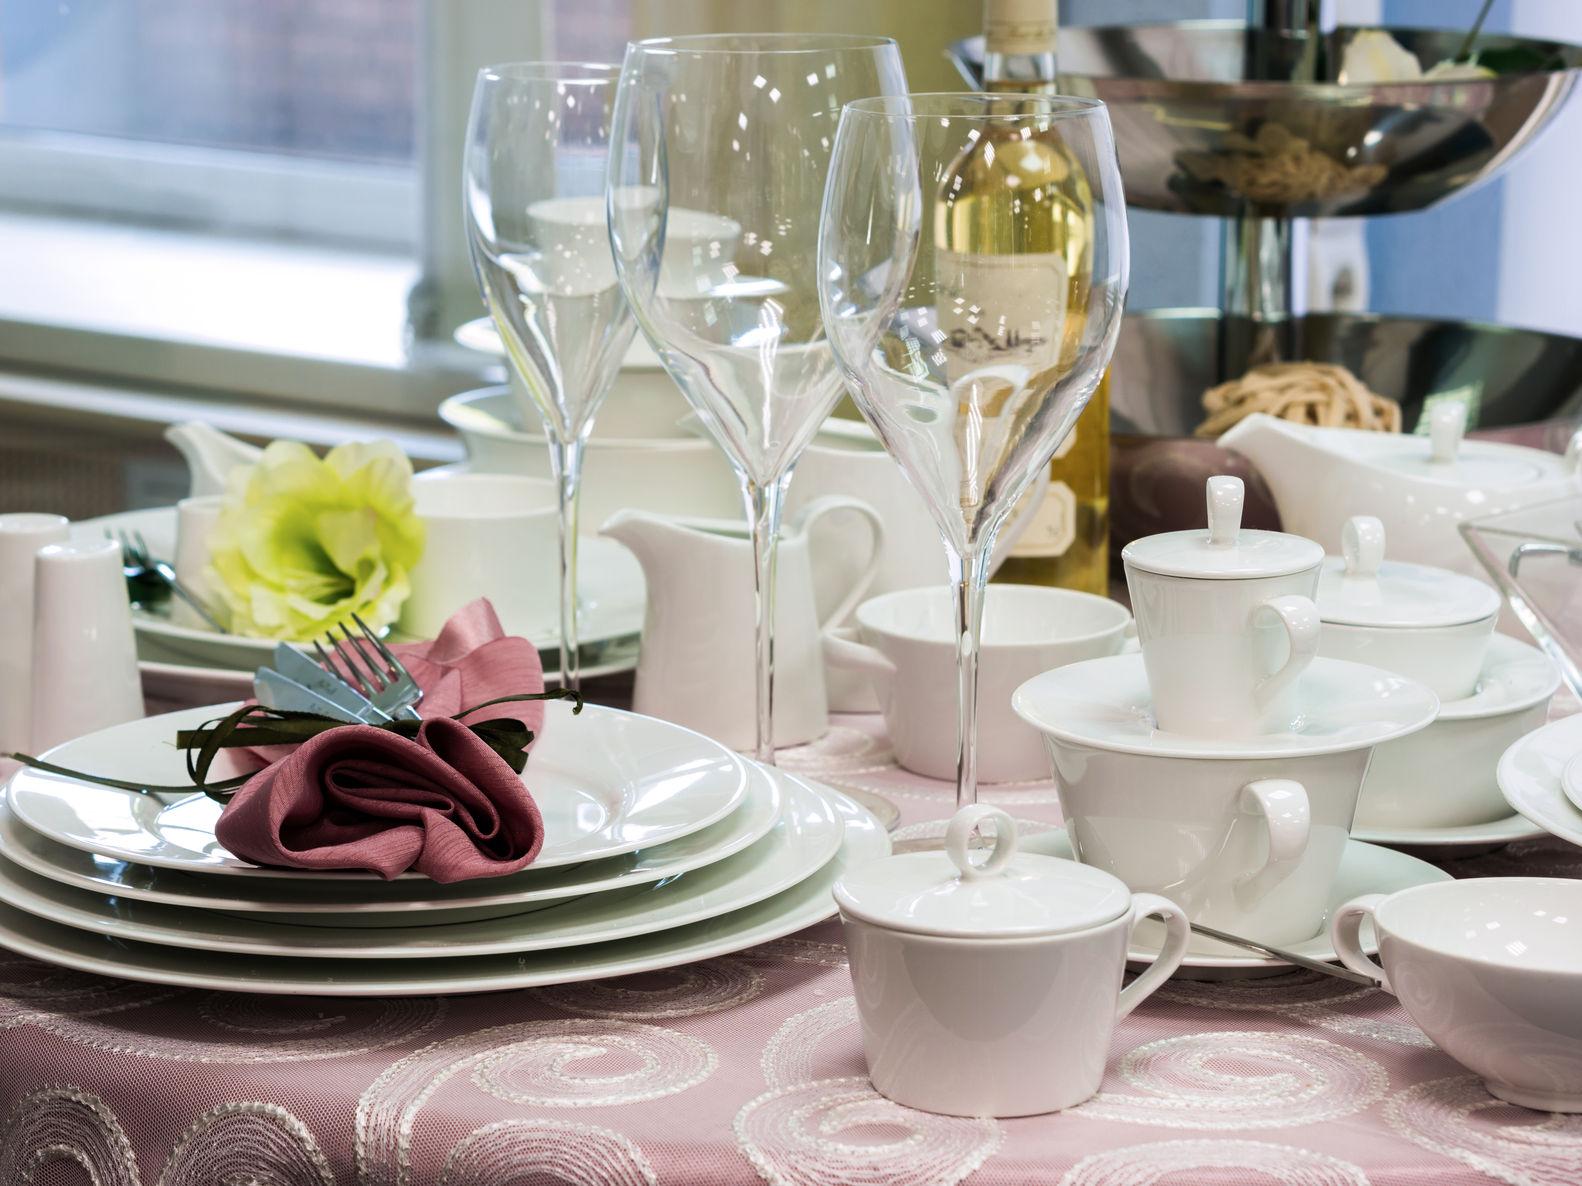 set of fine dinnerware on table